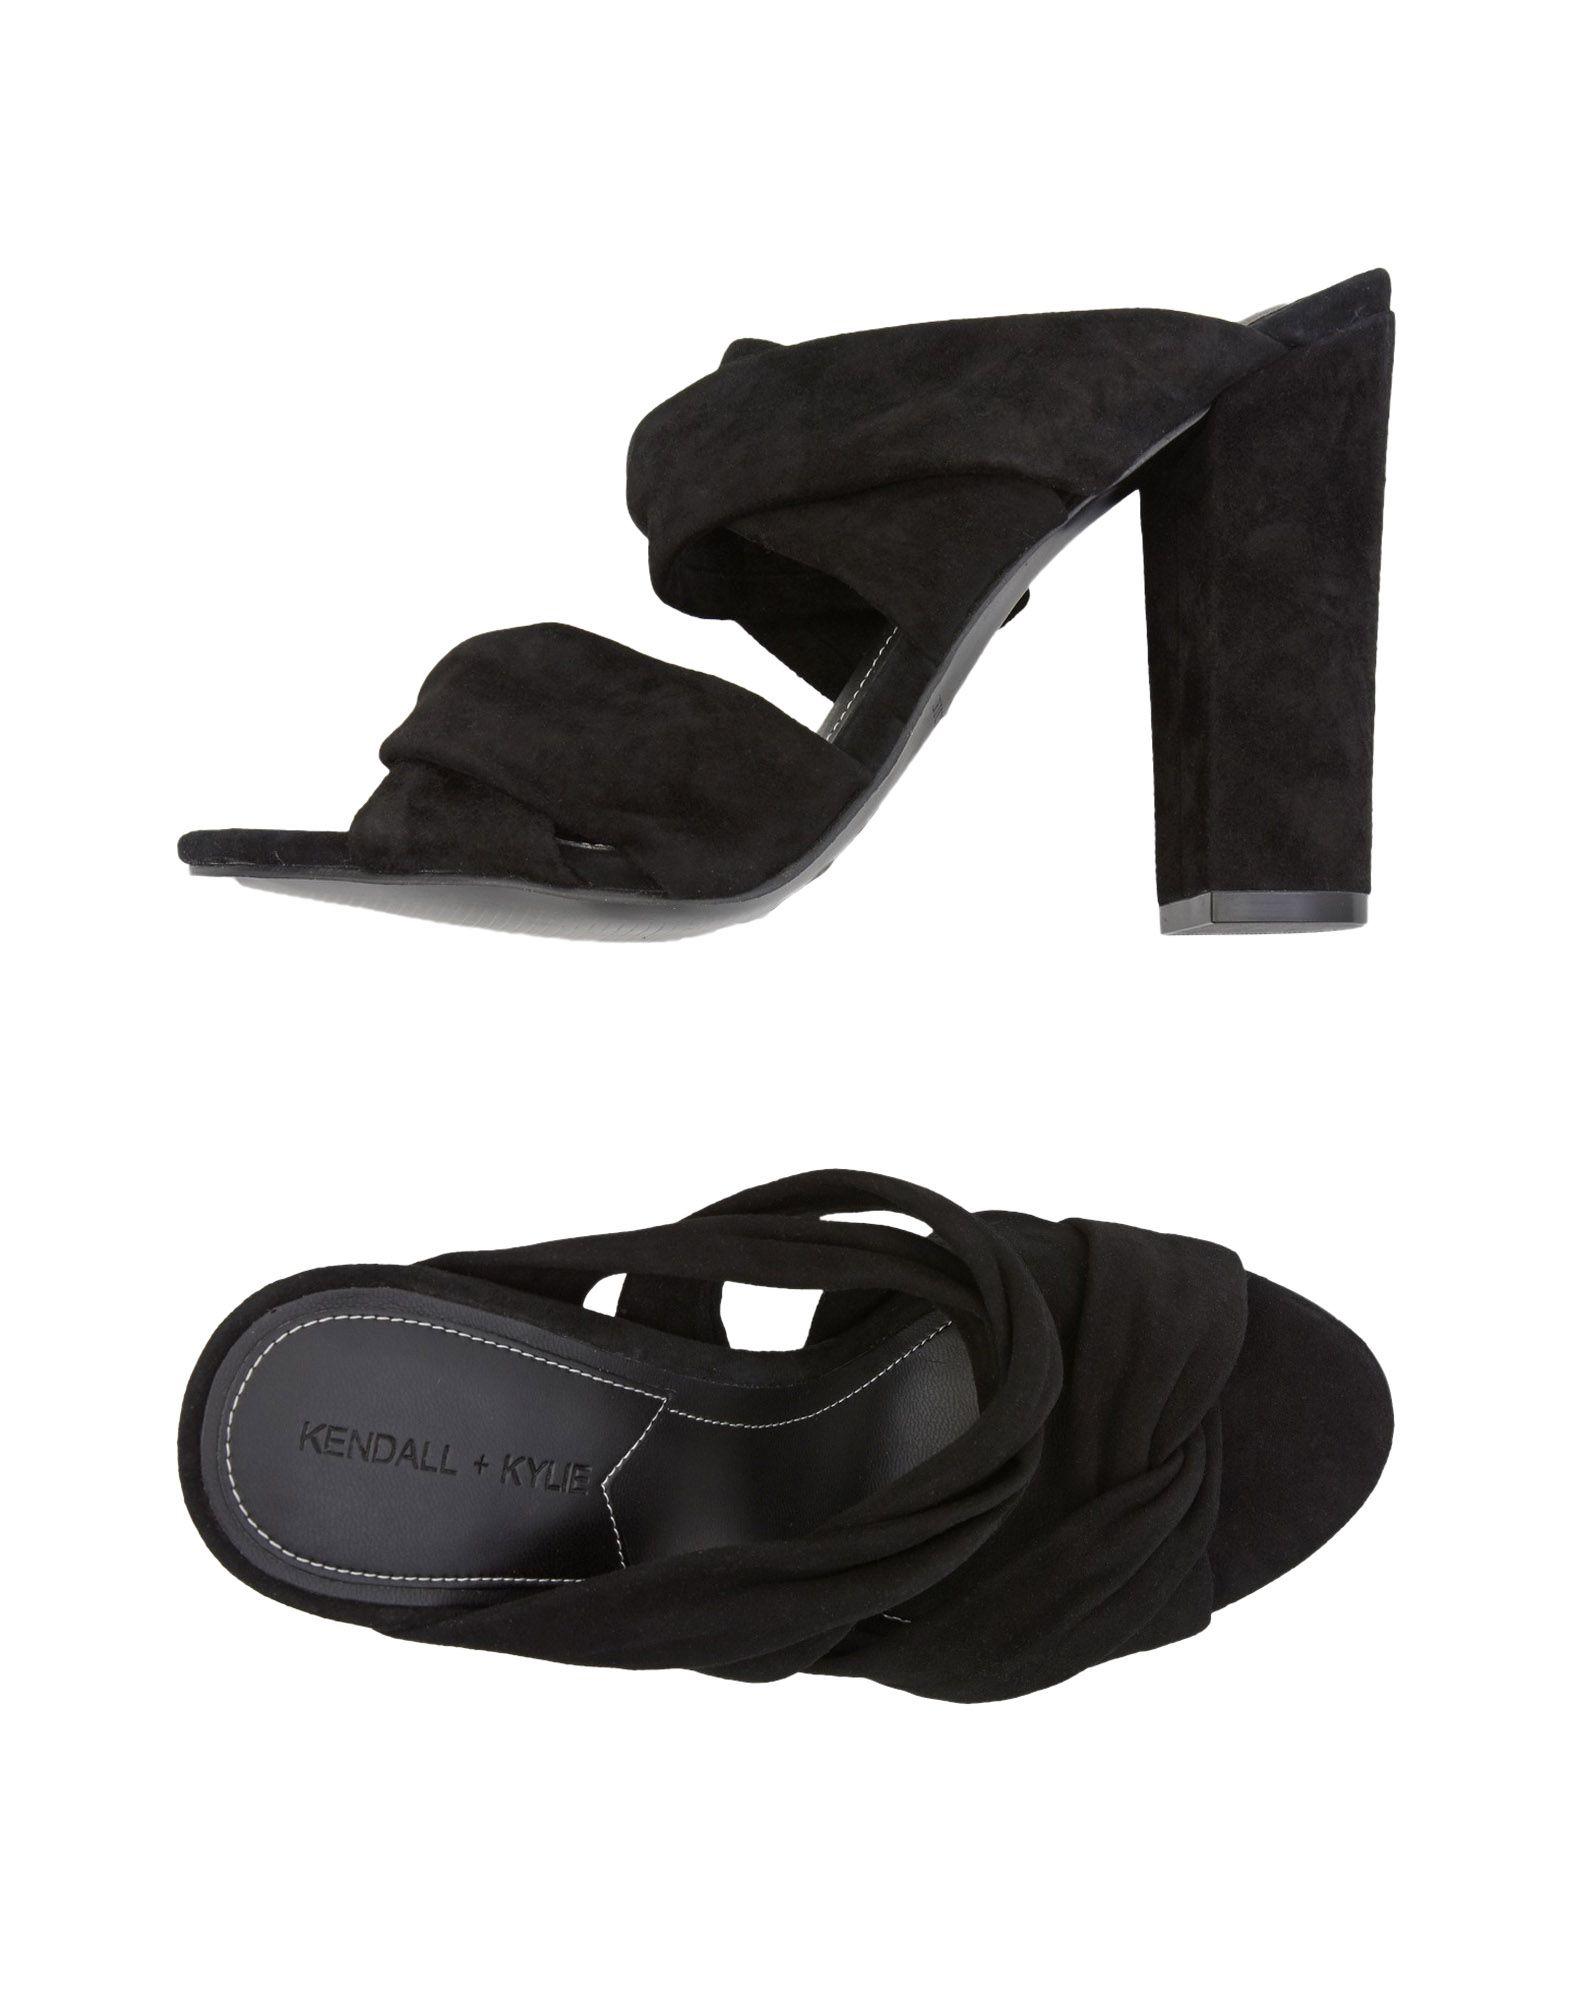 Kendall + Kylie Sandalen Damen  11429509EH 11429509EH 11429509EH Neue Schuhe 17cc53